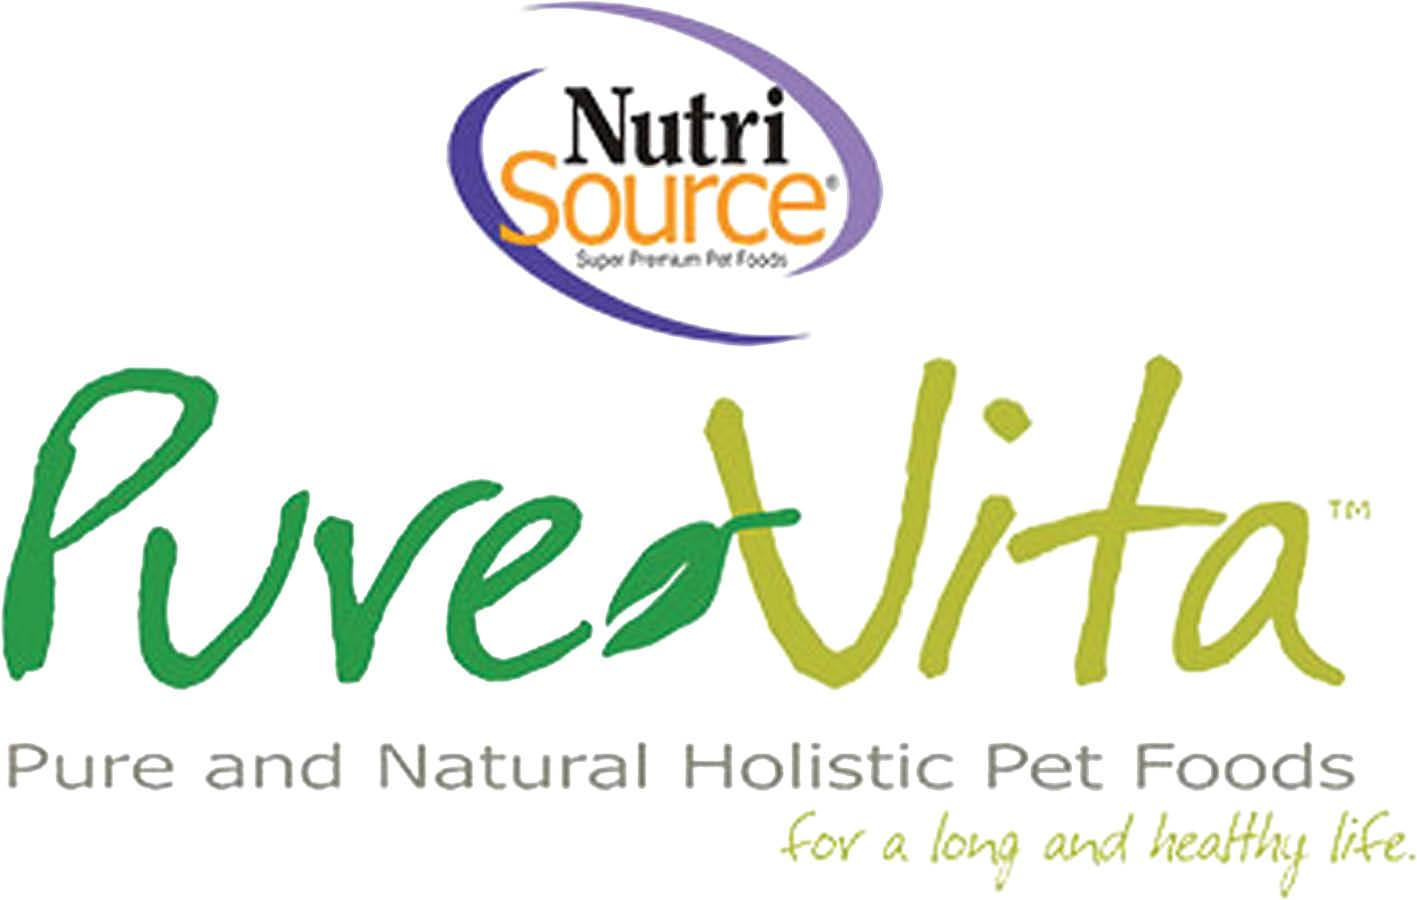 Pet food, pet grooming near Sanford, FL